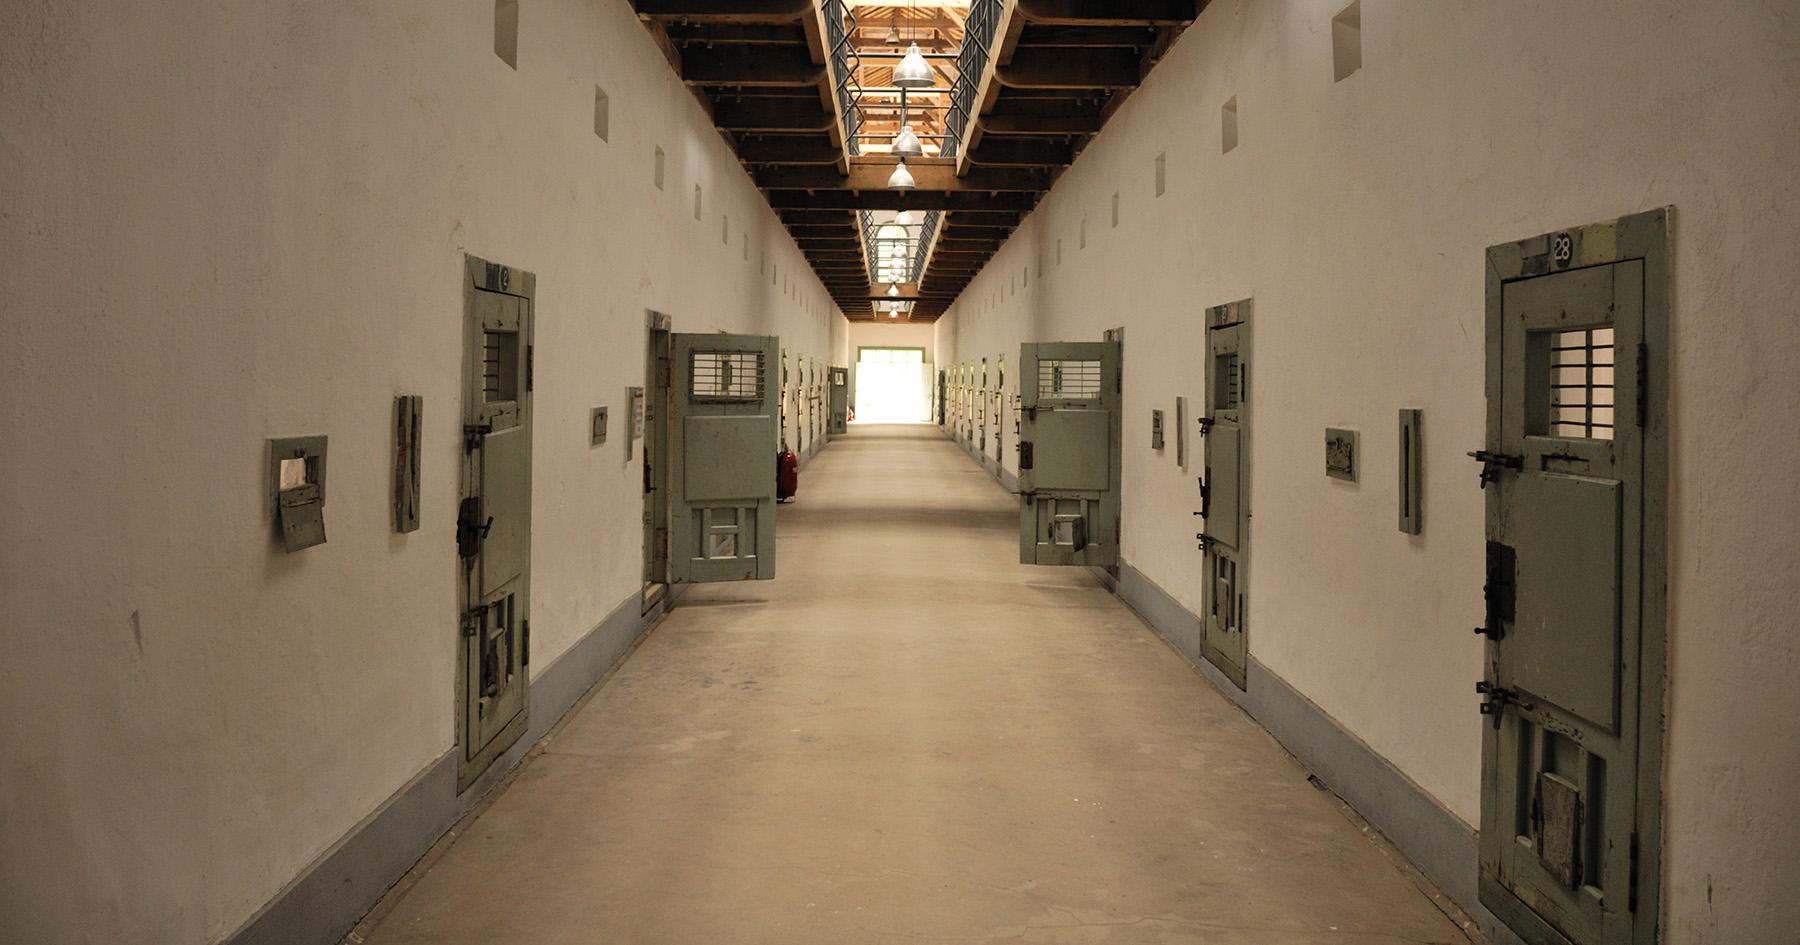 for profit prison